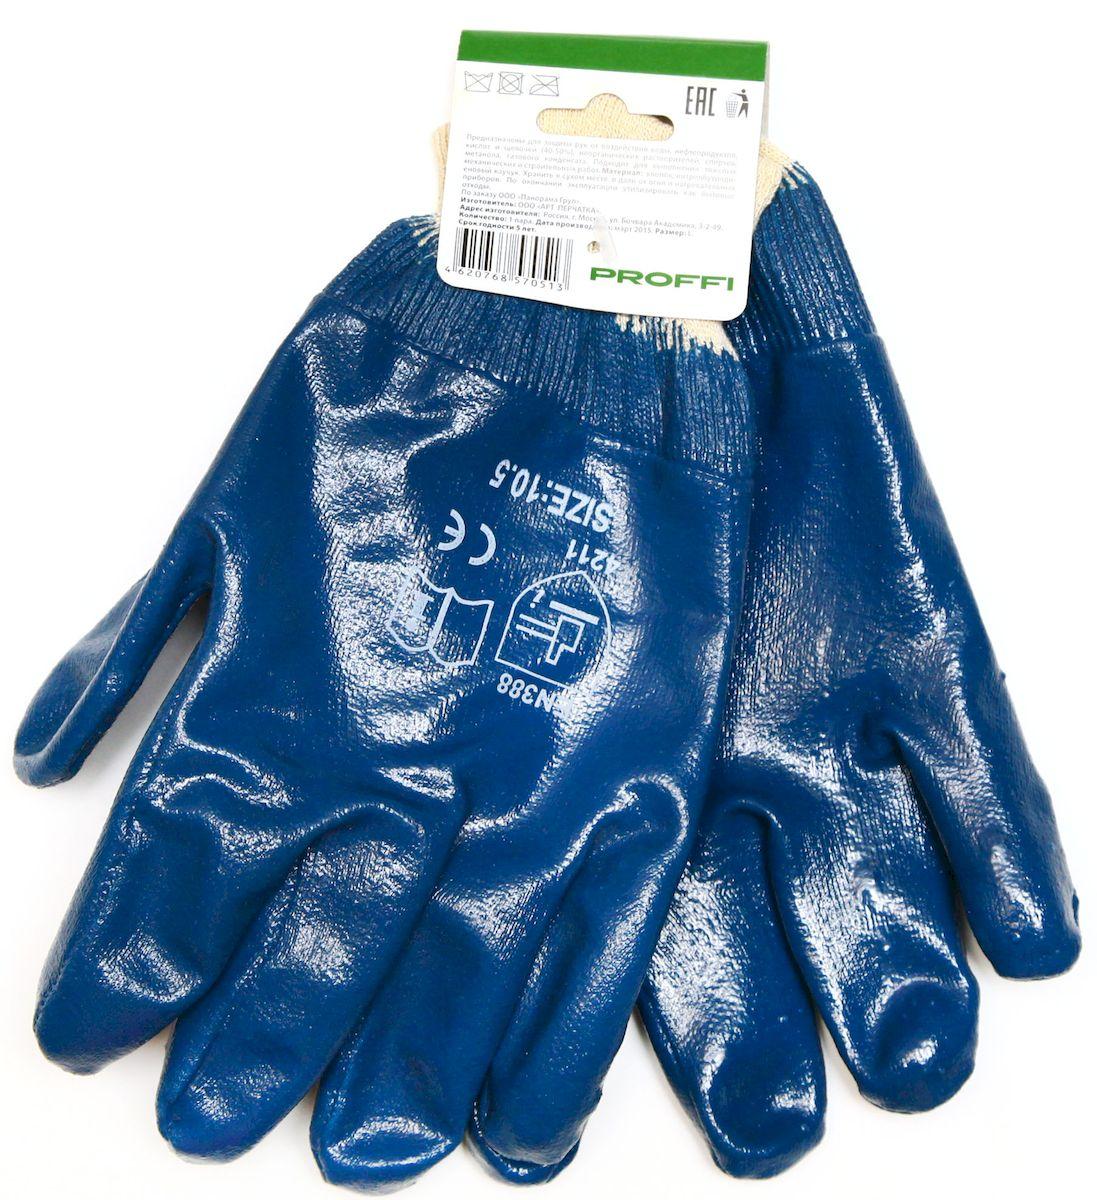 Перчатки трикотажныеProffi, с нитриловым покрытиемPM0082Перчатки х/б с нитриловым покрытием (манжета, полное покрытие). Материал покрытия : нитрил. Основа: хлопок 100%. Манжета: резинка